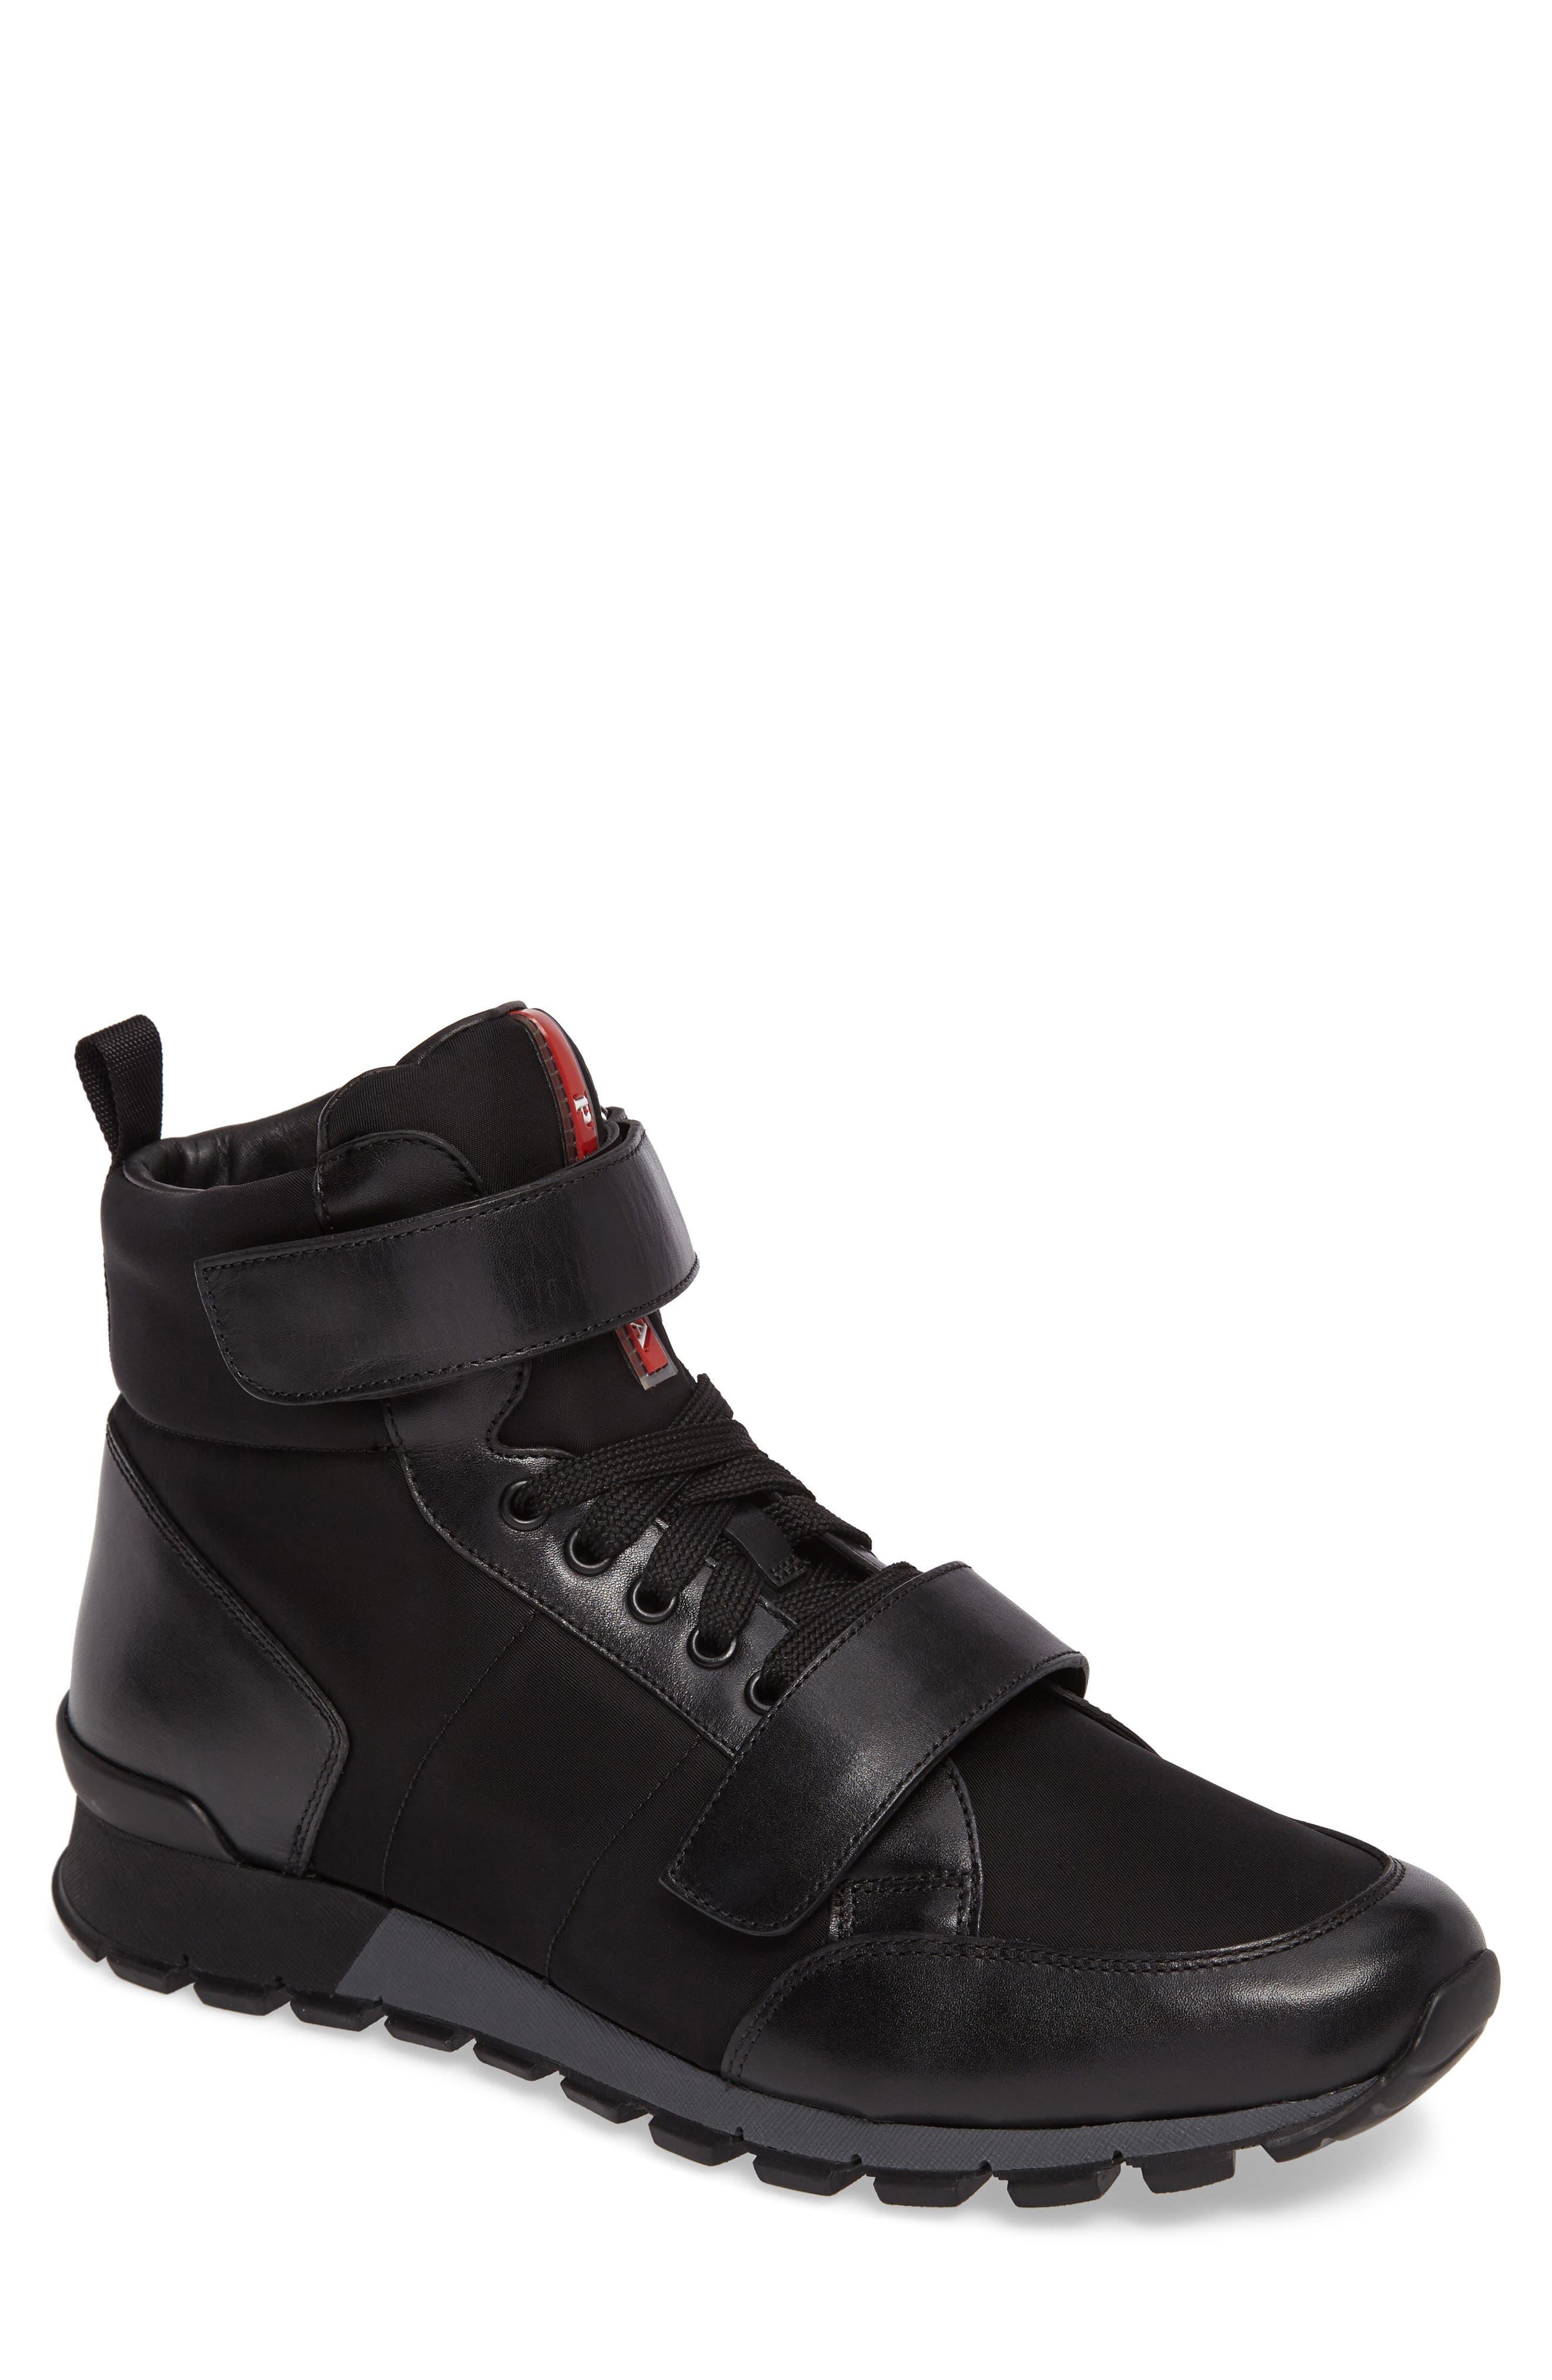 PRADA LINEA ROSSA Prada High Top Sneaker